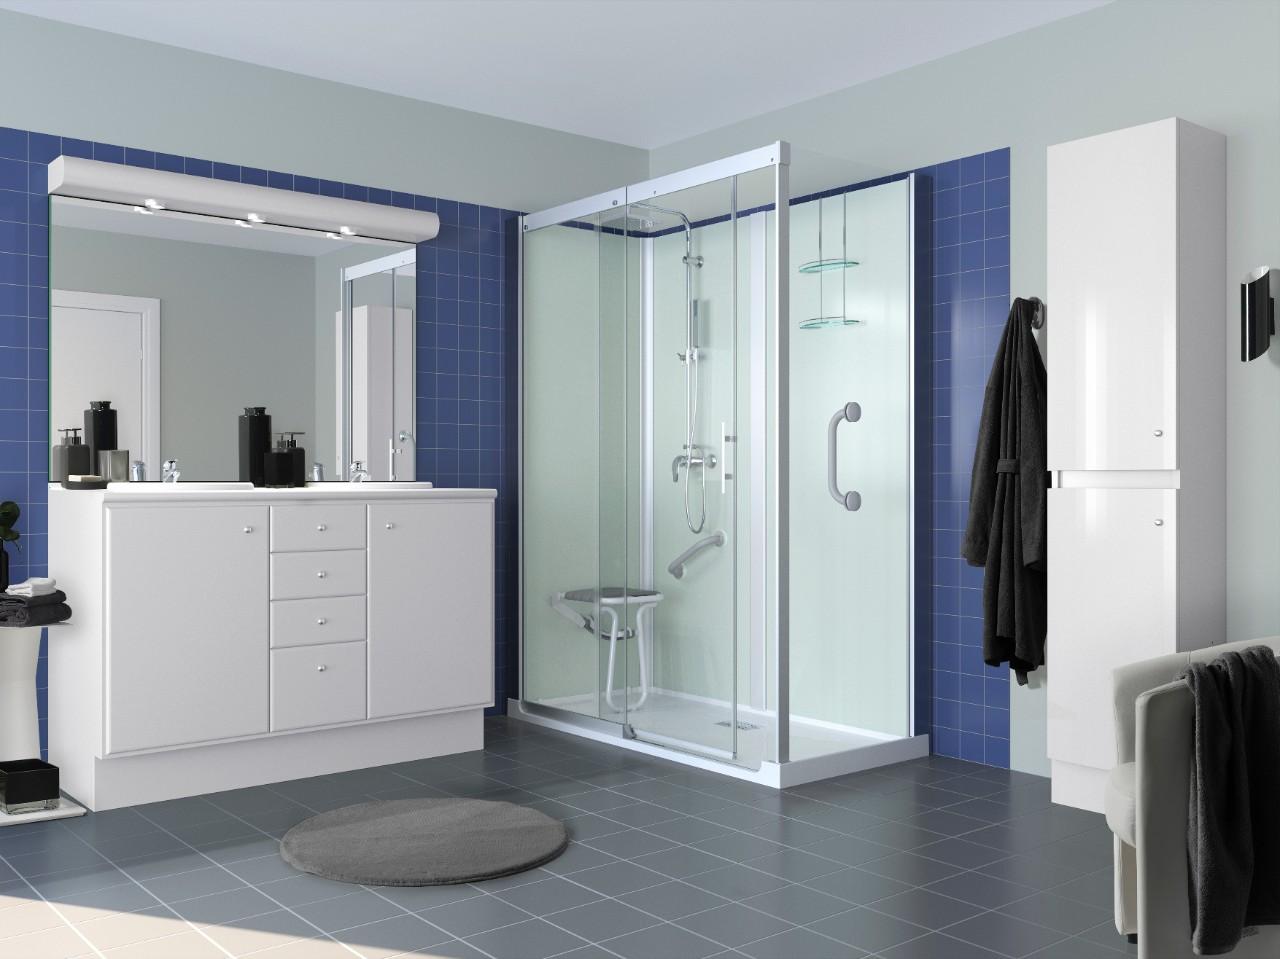 langer zelfstandig thuis wonen met een aangepaste badkamer